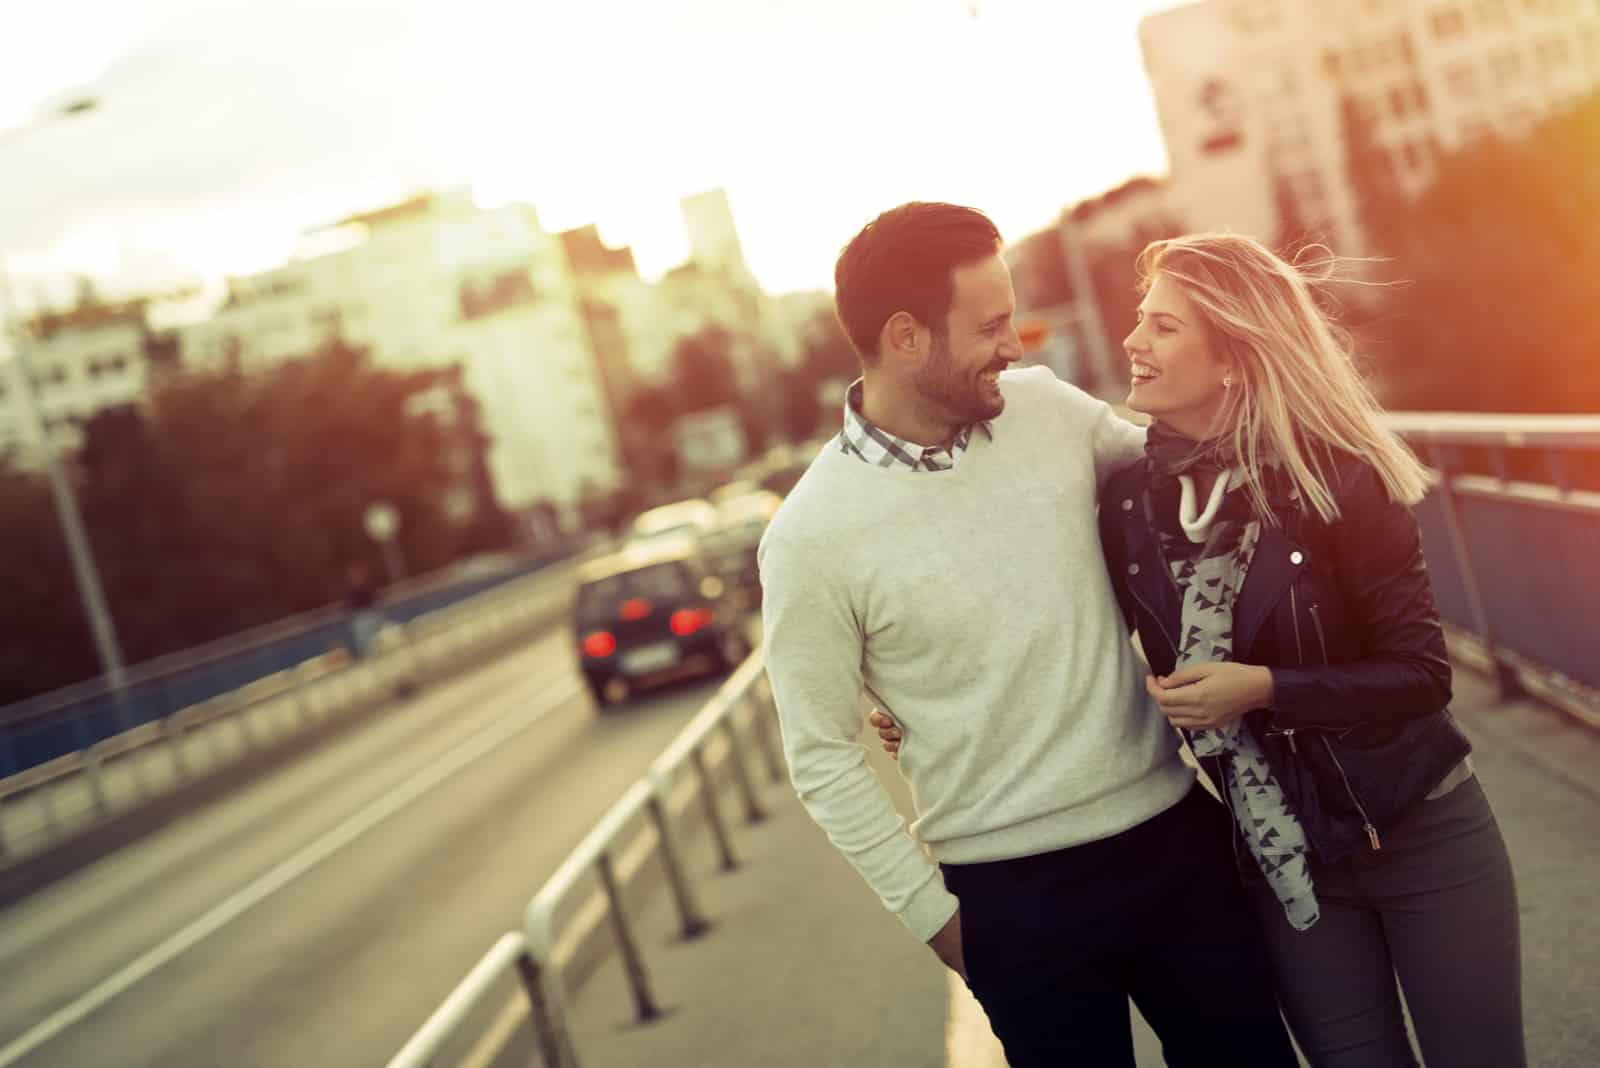 Glückliches Touristenpaar in der Liebe, die reist und verbindet